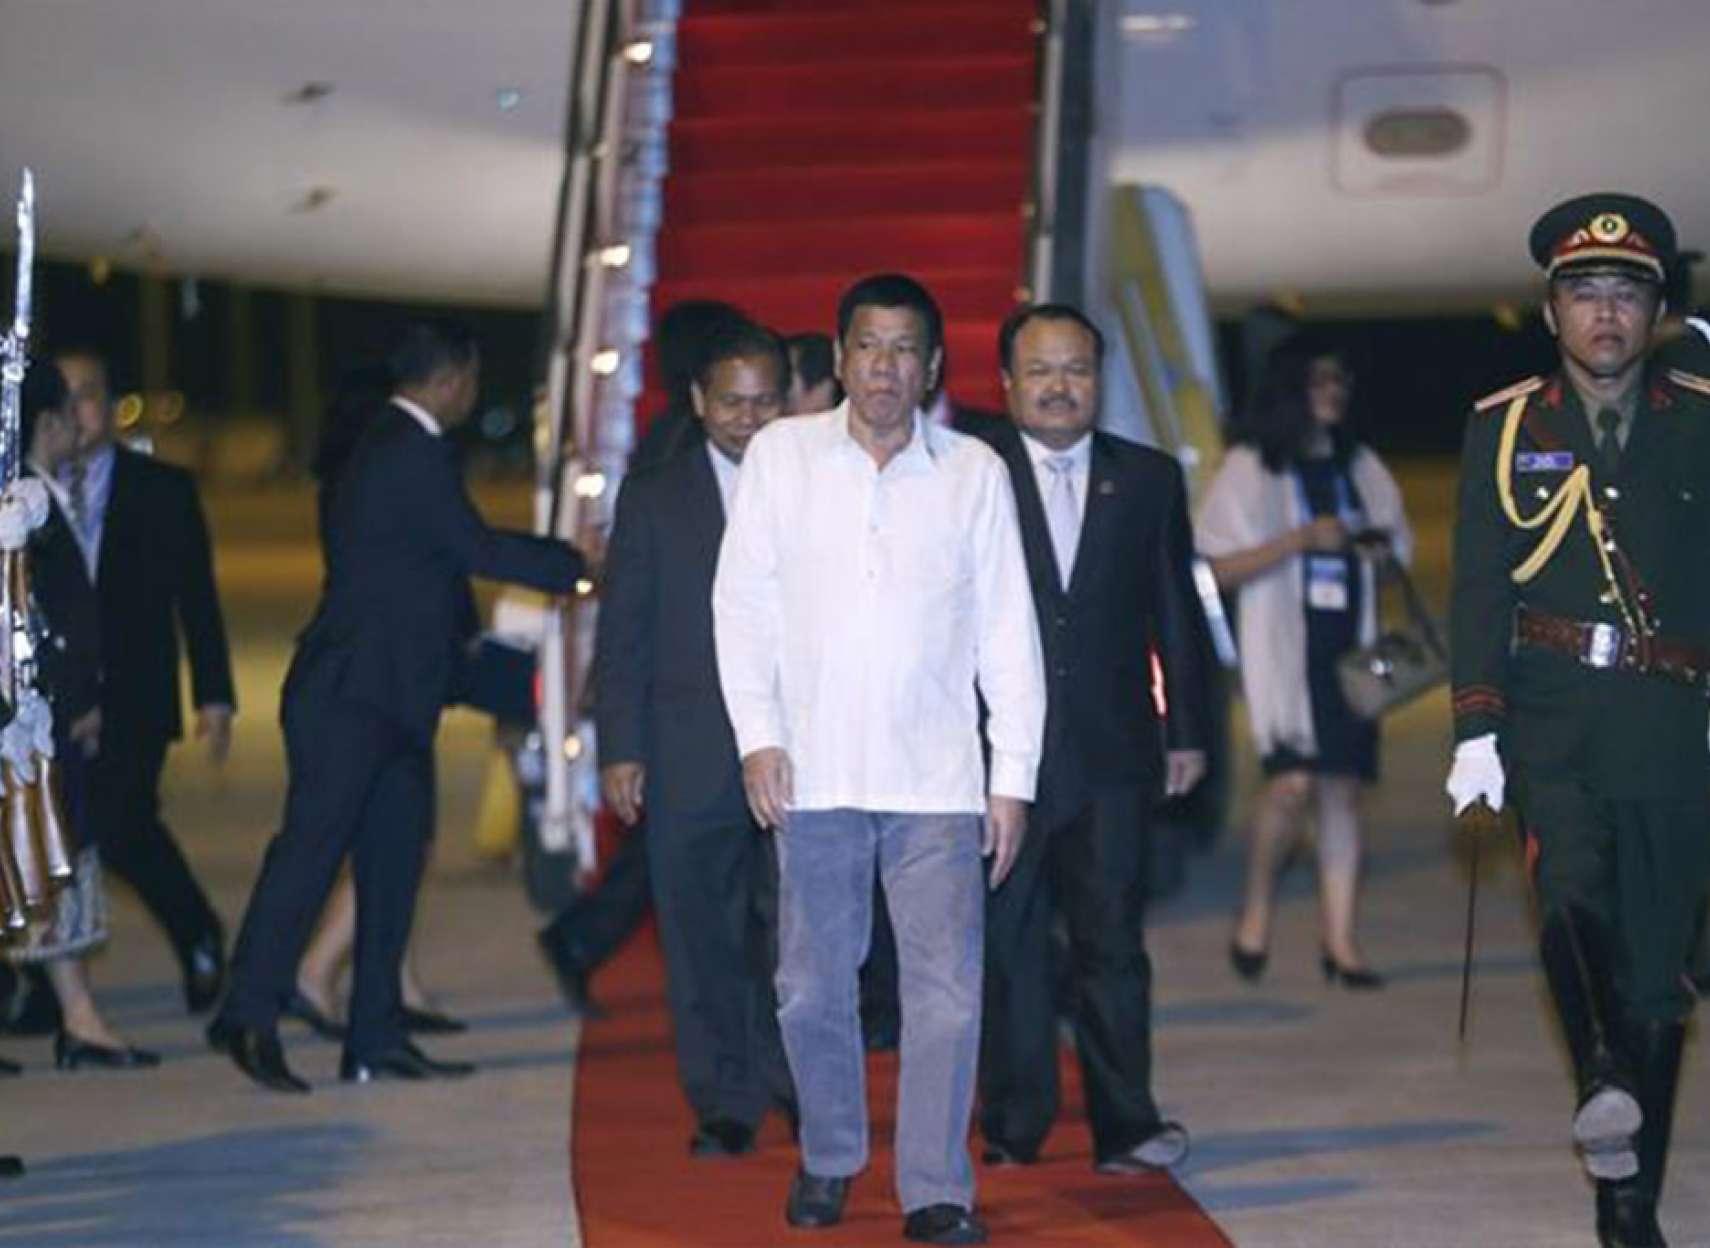 news-philipin-cia